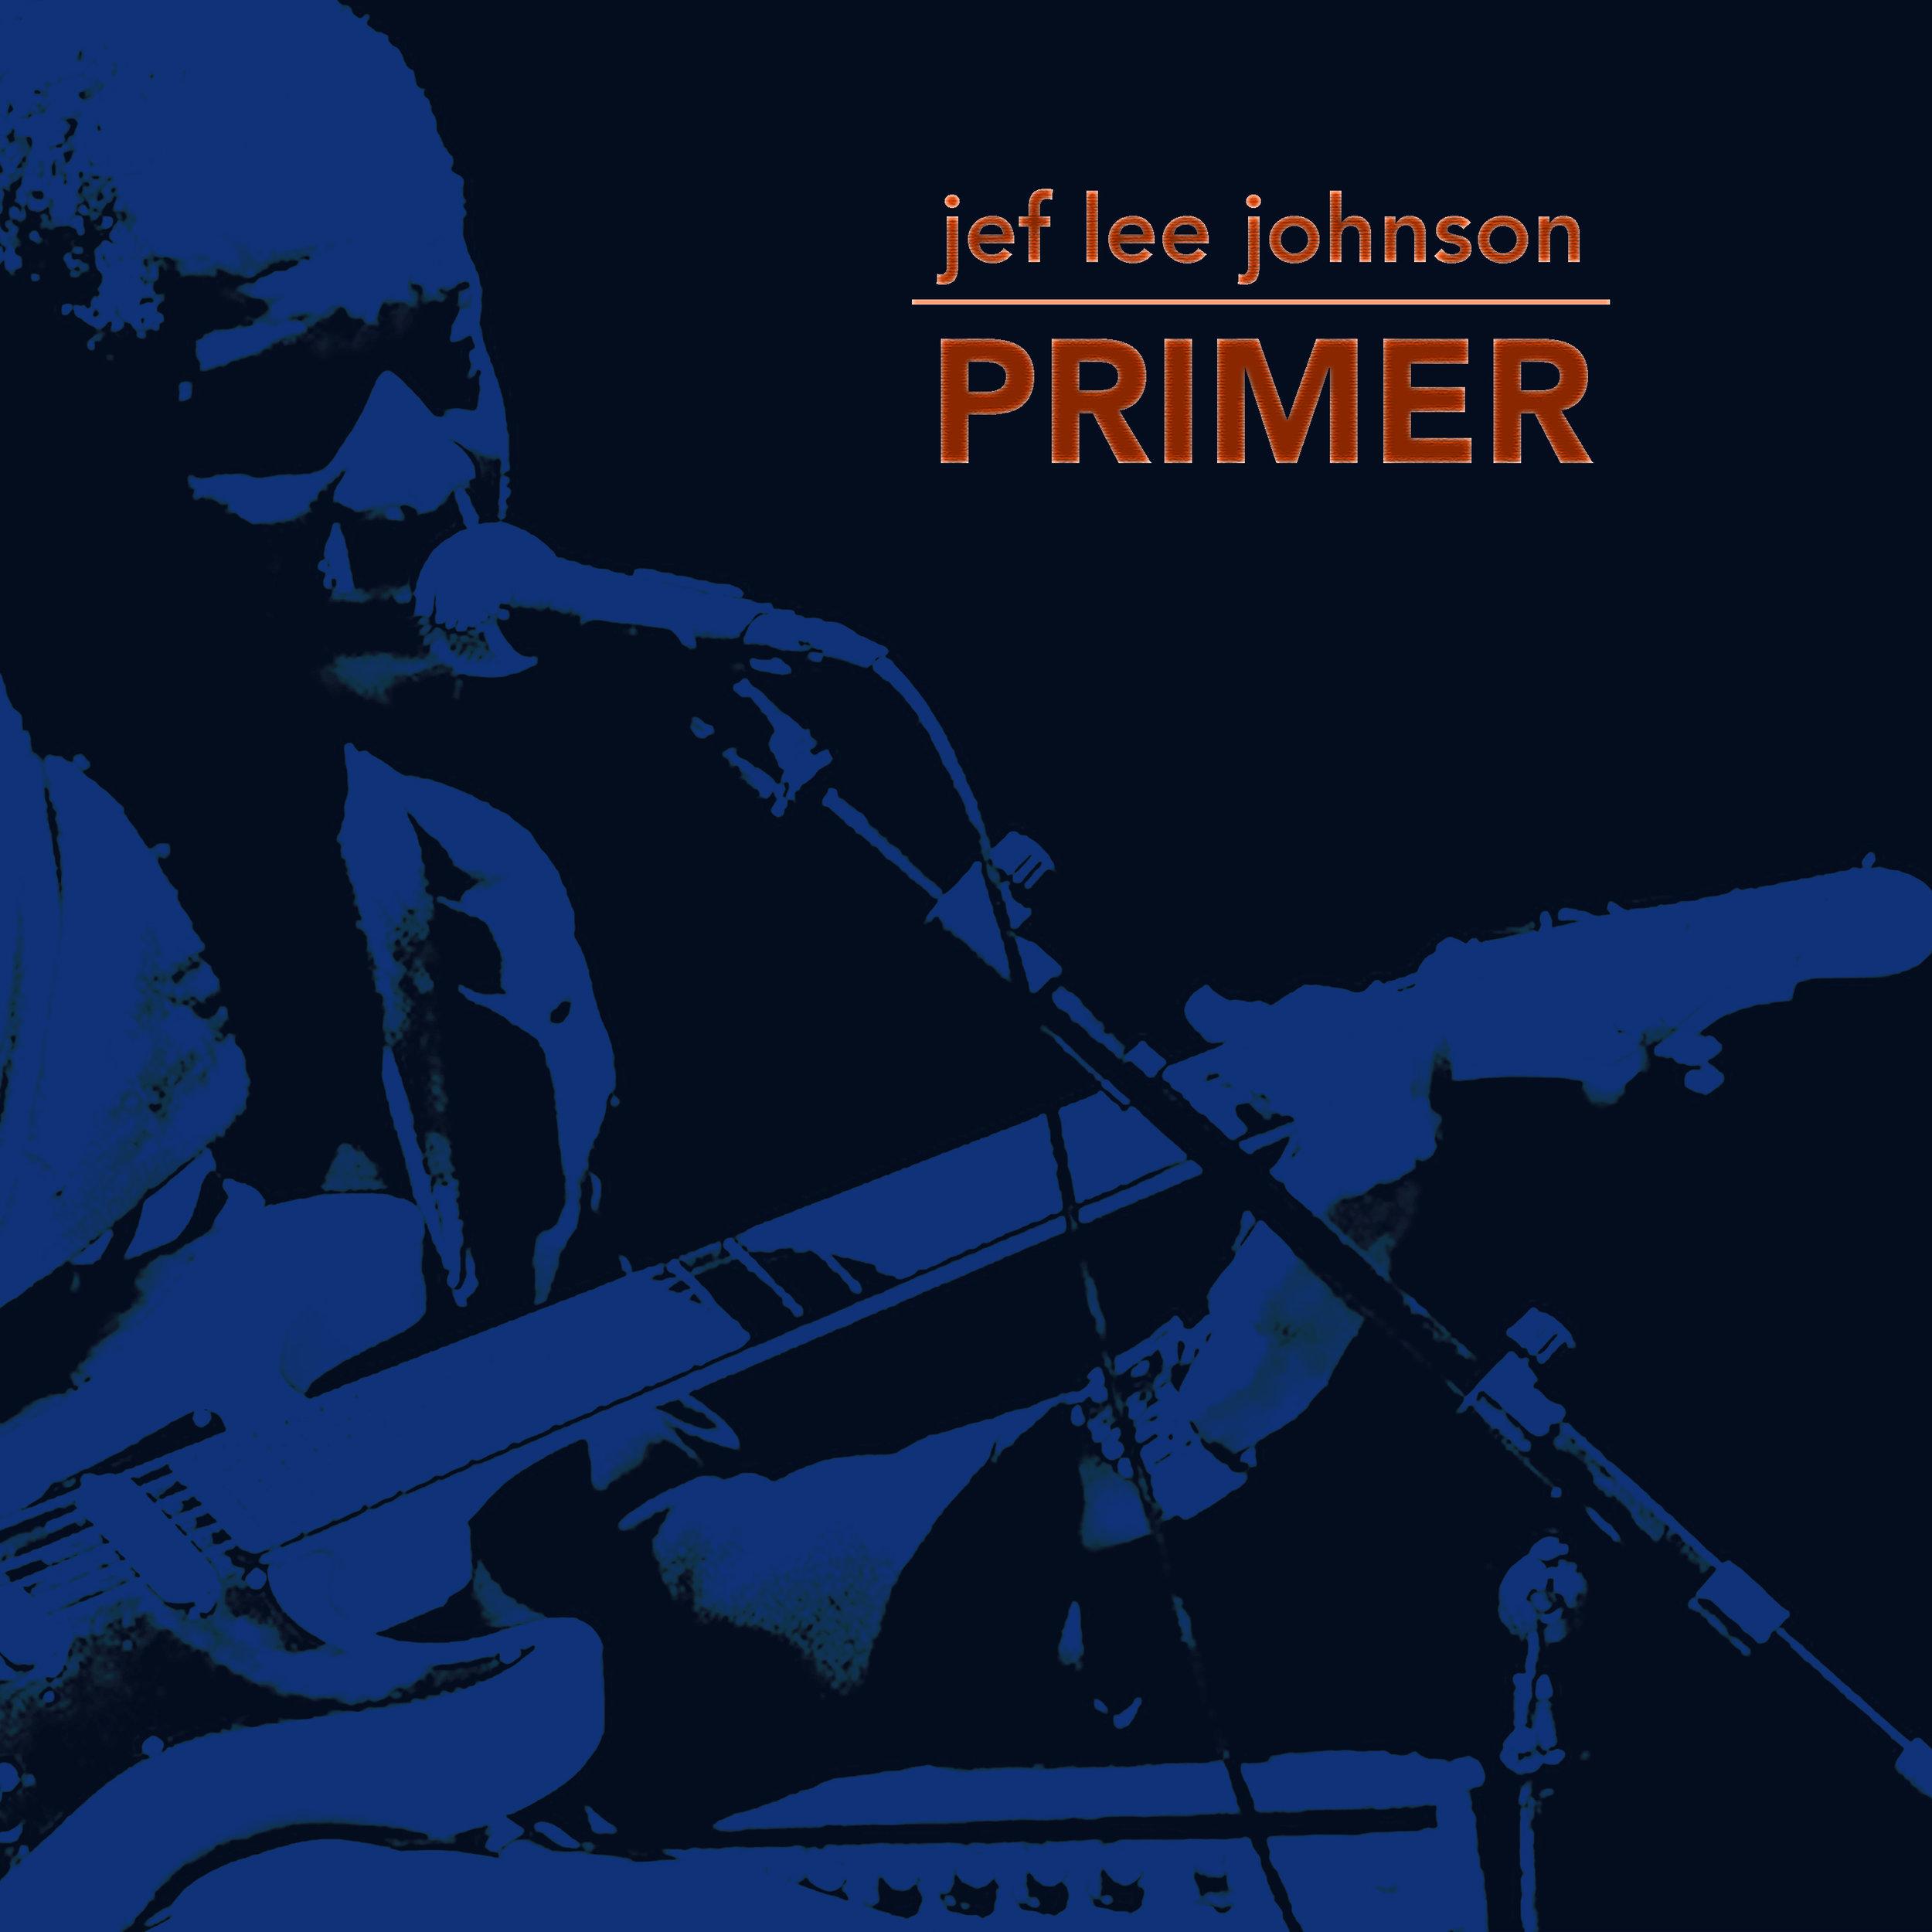 JLJPrimer.jpg